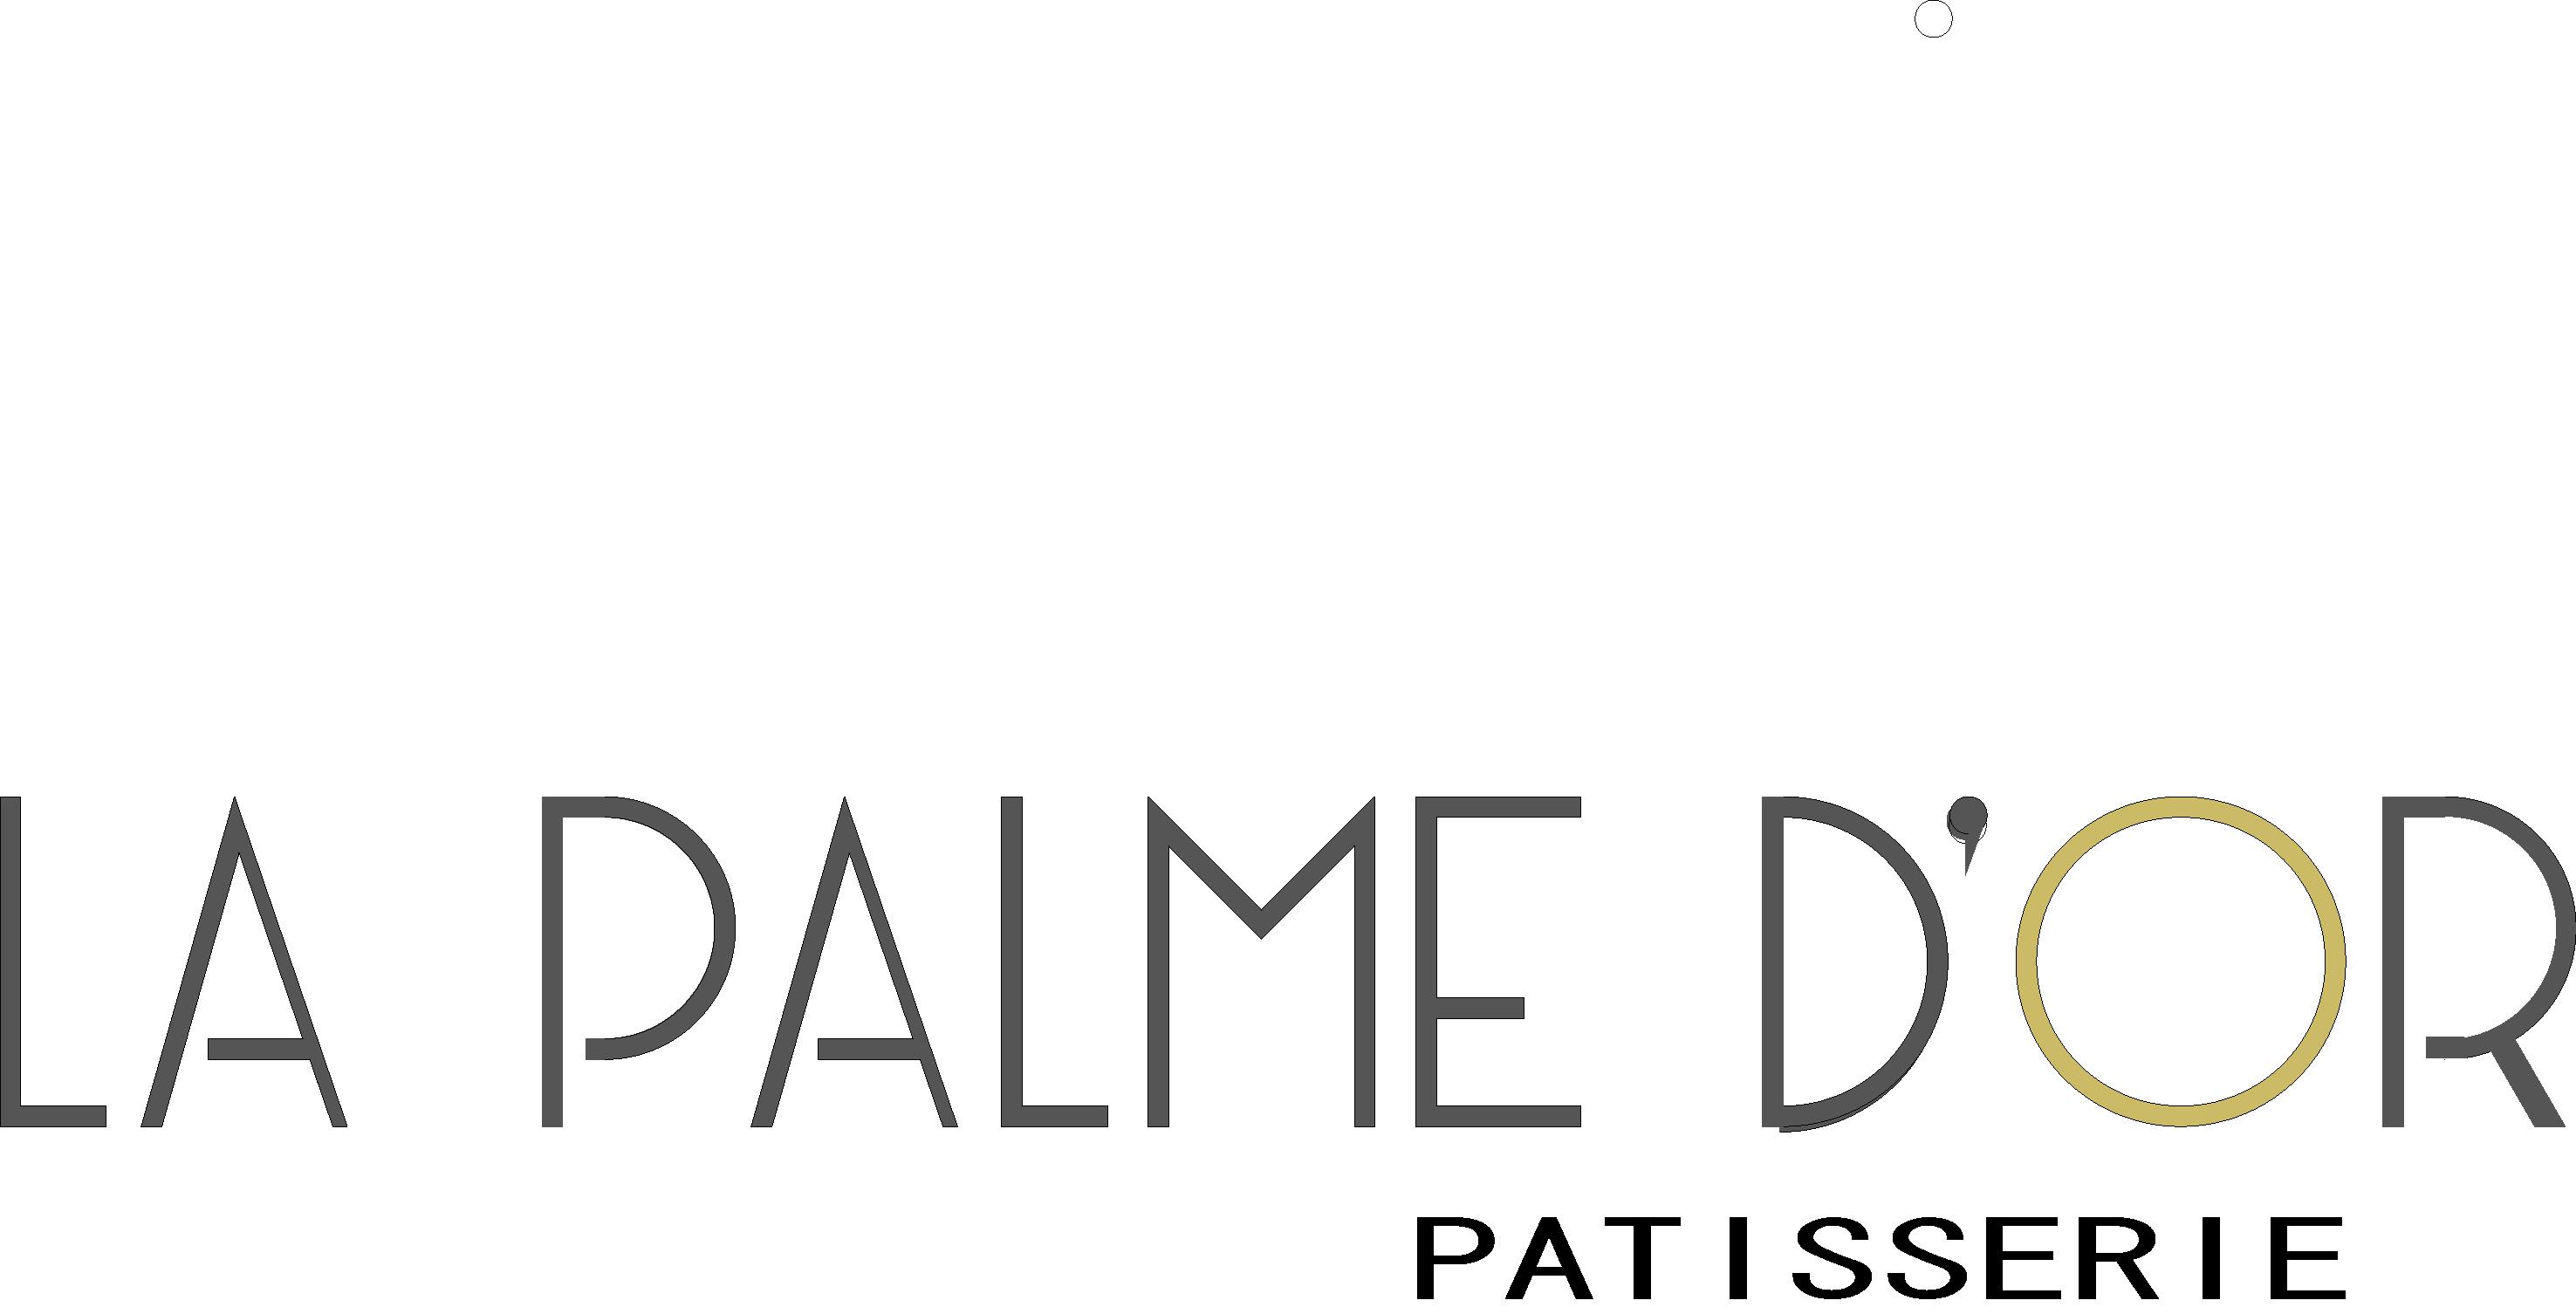 파티세리 라 팜므 도르 (Patisserie La Palme D'or) Logo